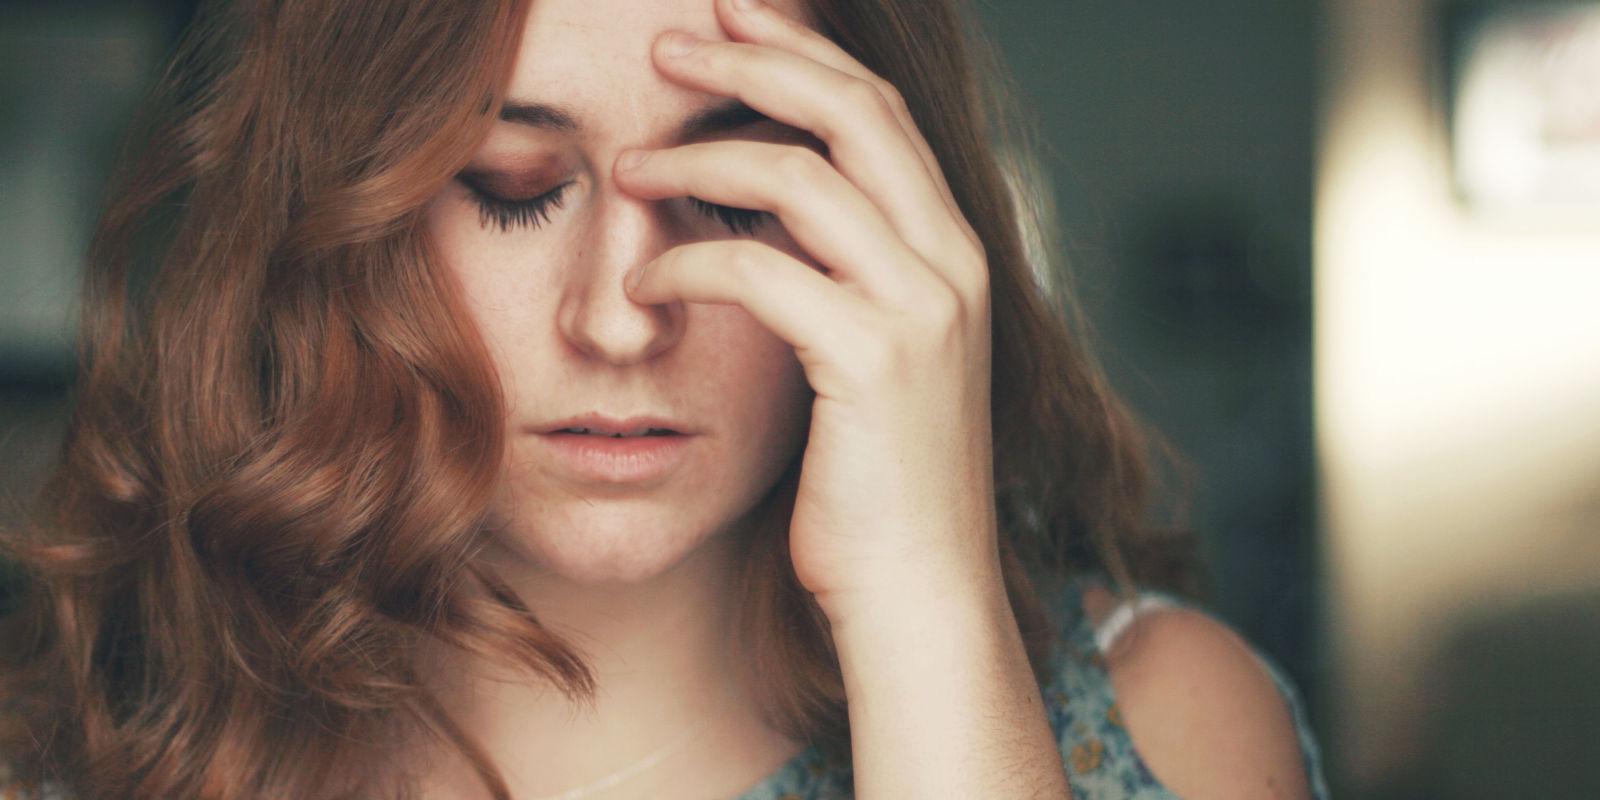 Penyebab-Sakit-Kepala-Bagian-Belakang-Yang-Wajib-Diketahui